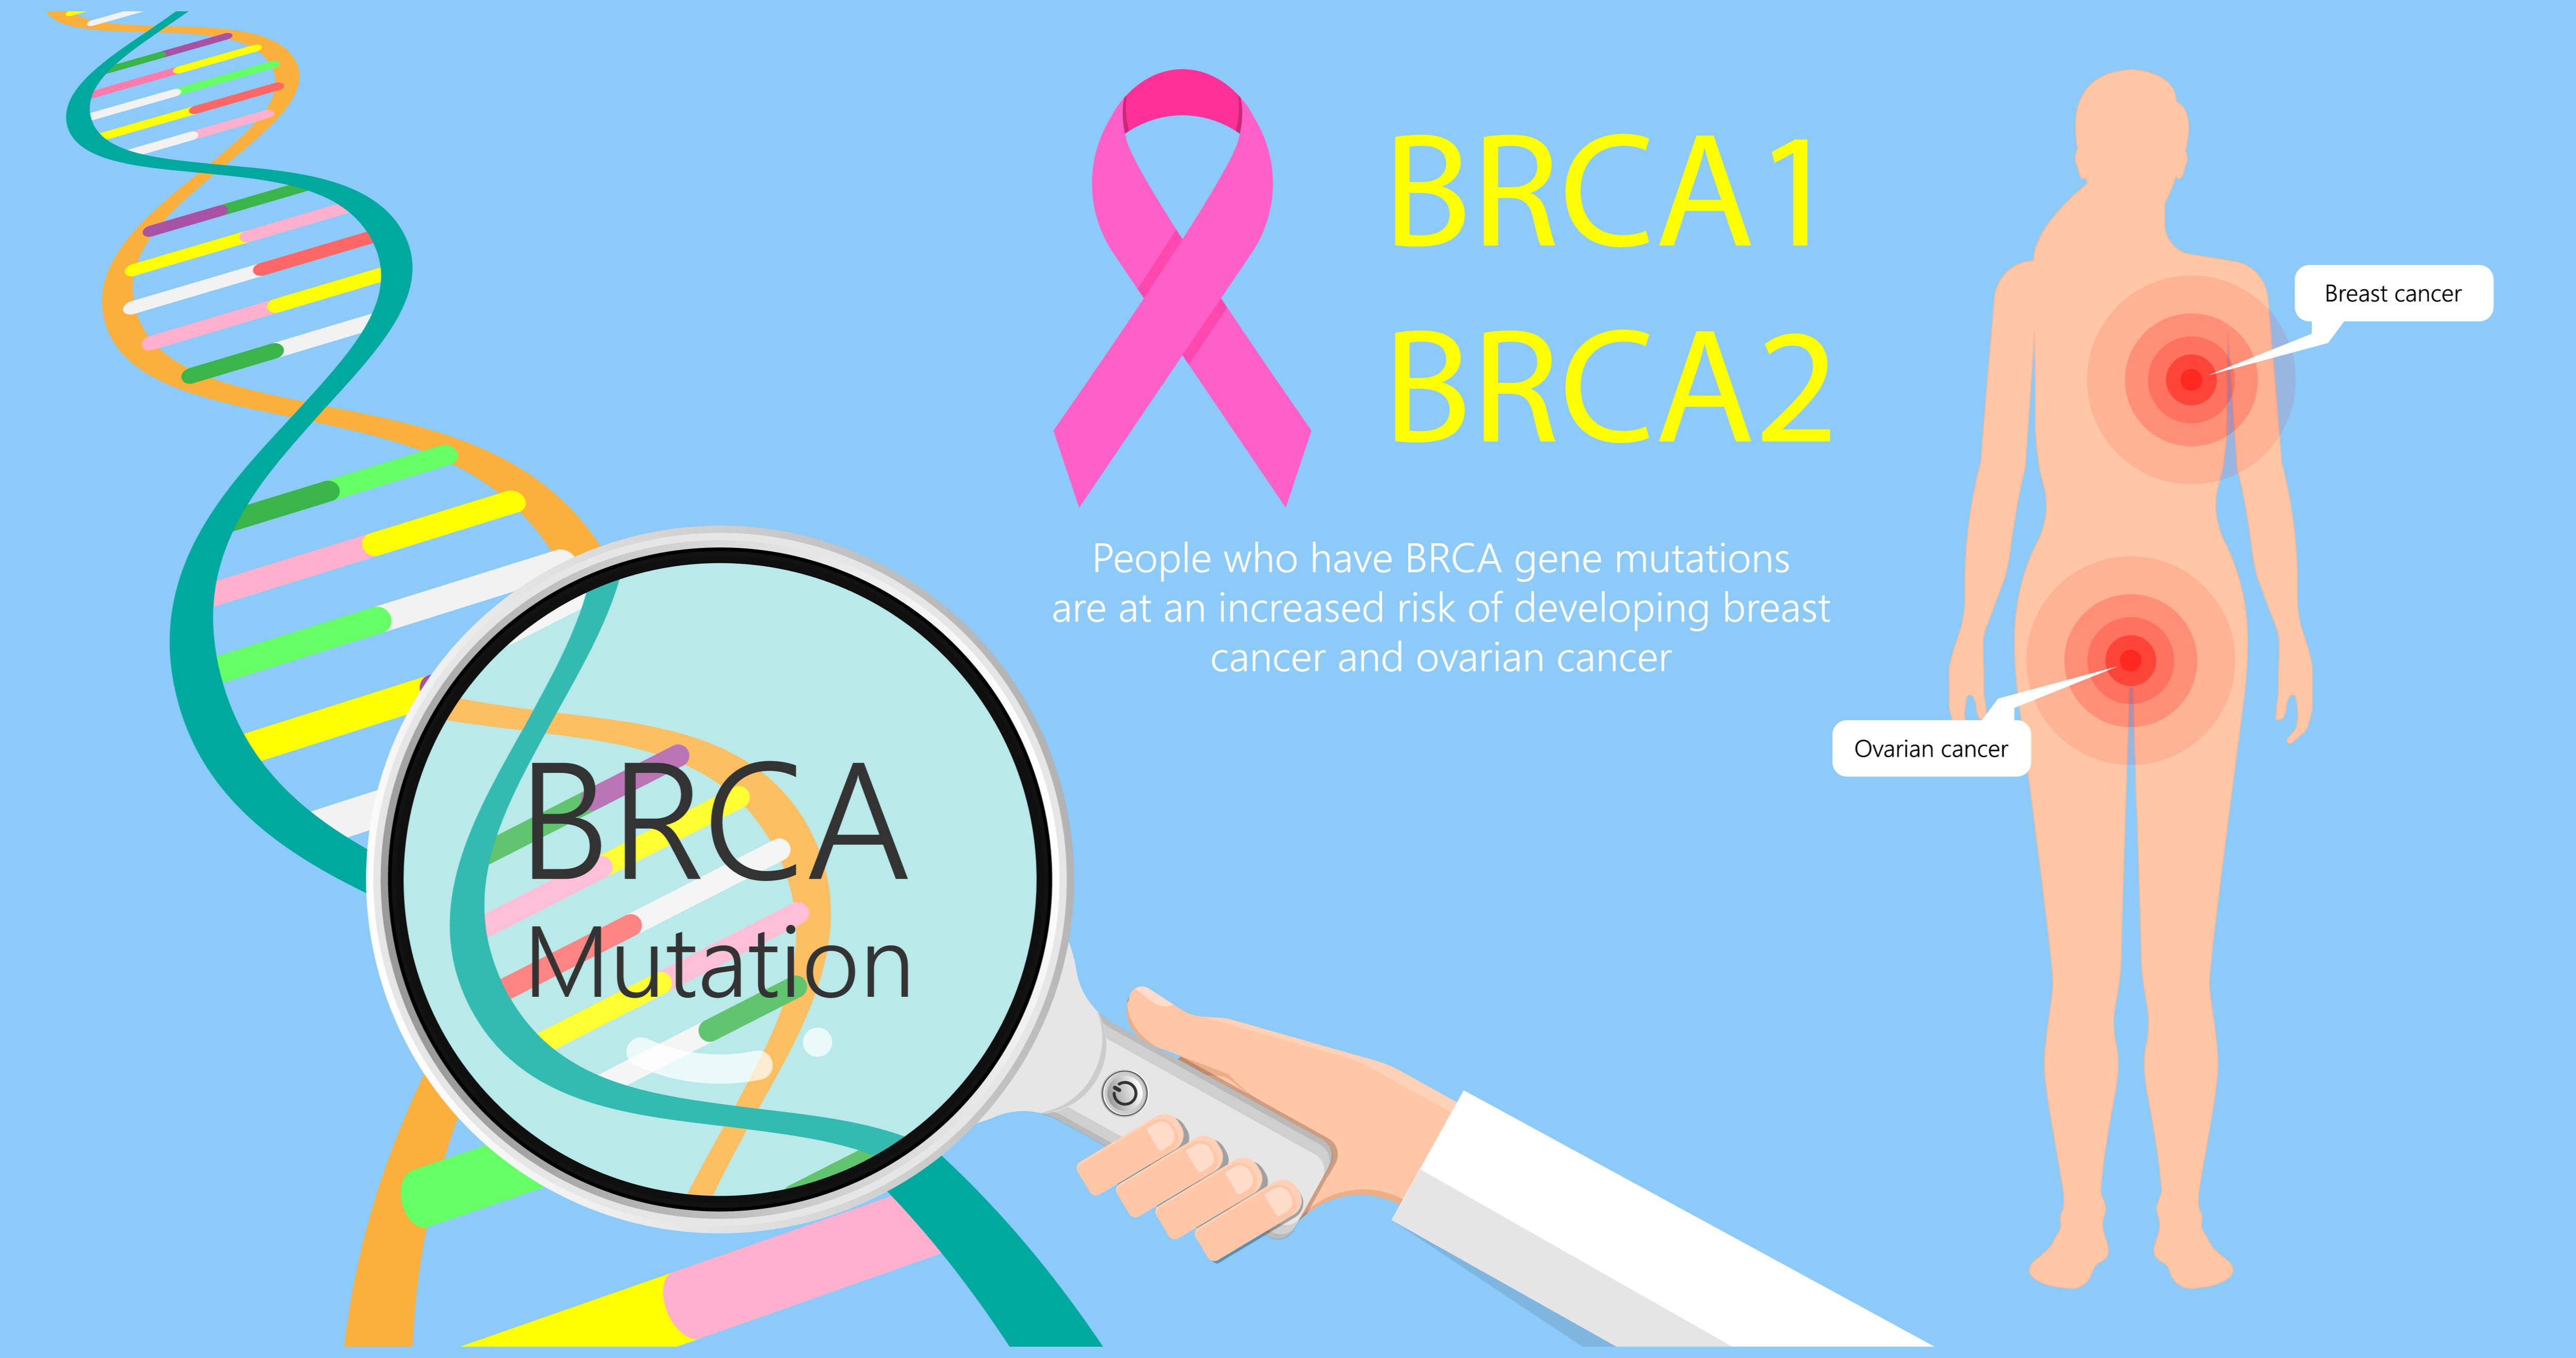 乳がんの遺伝子とその検査をイメージしたイラスト